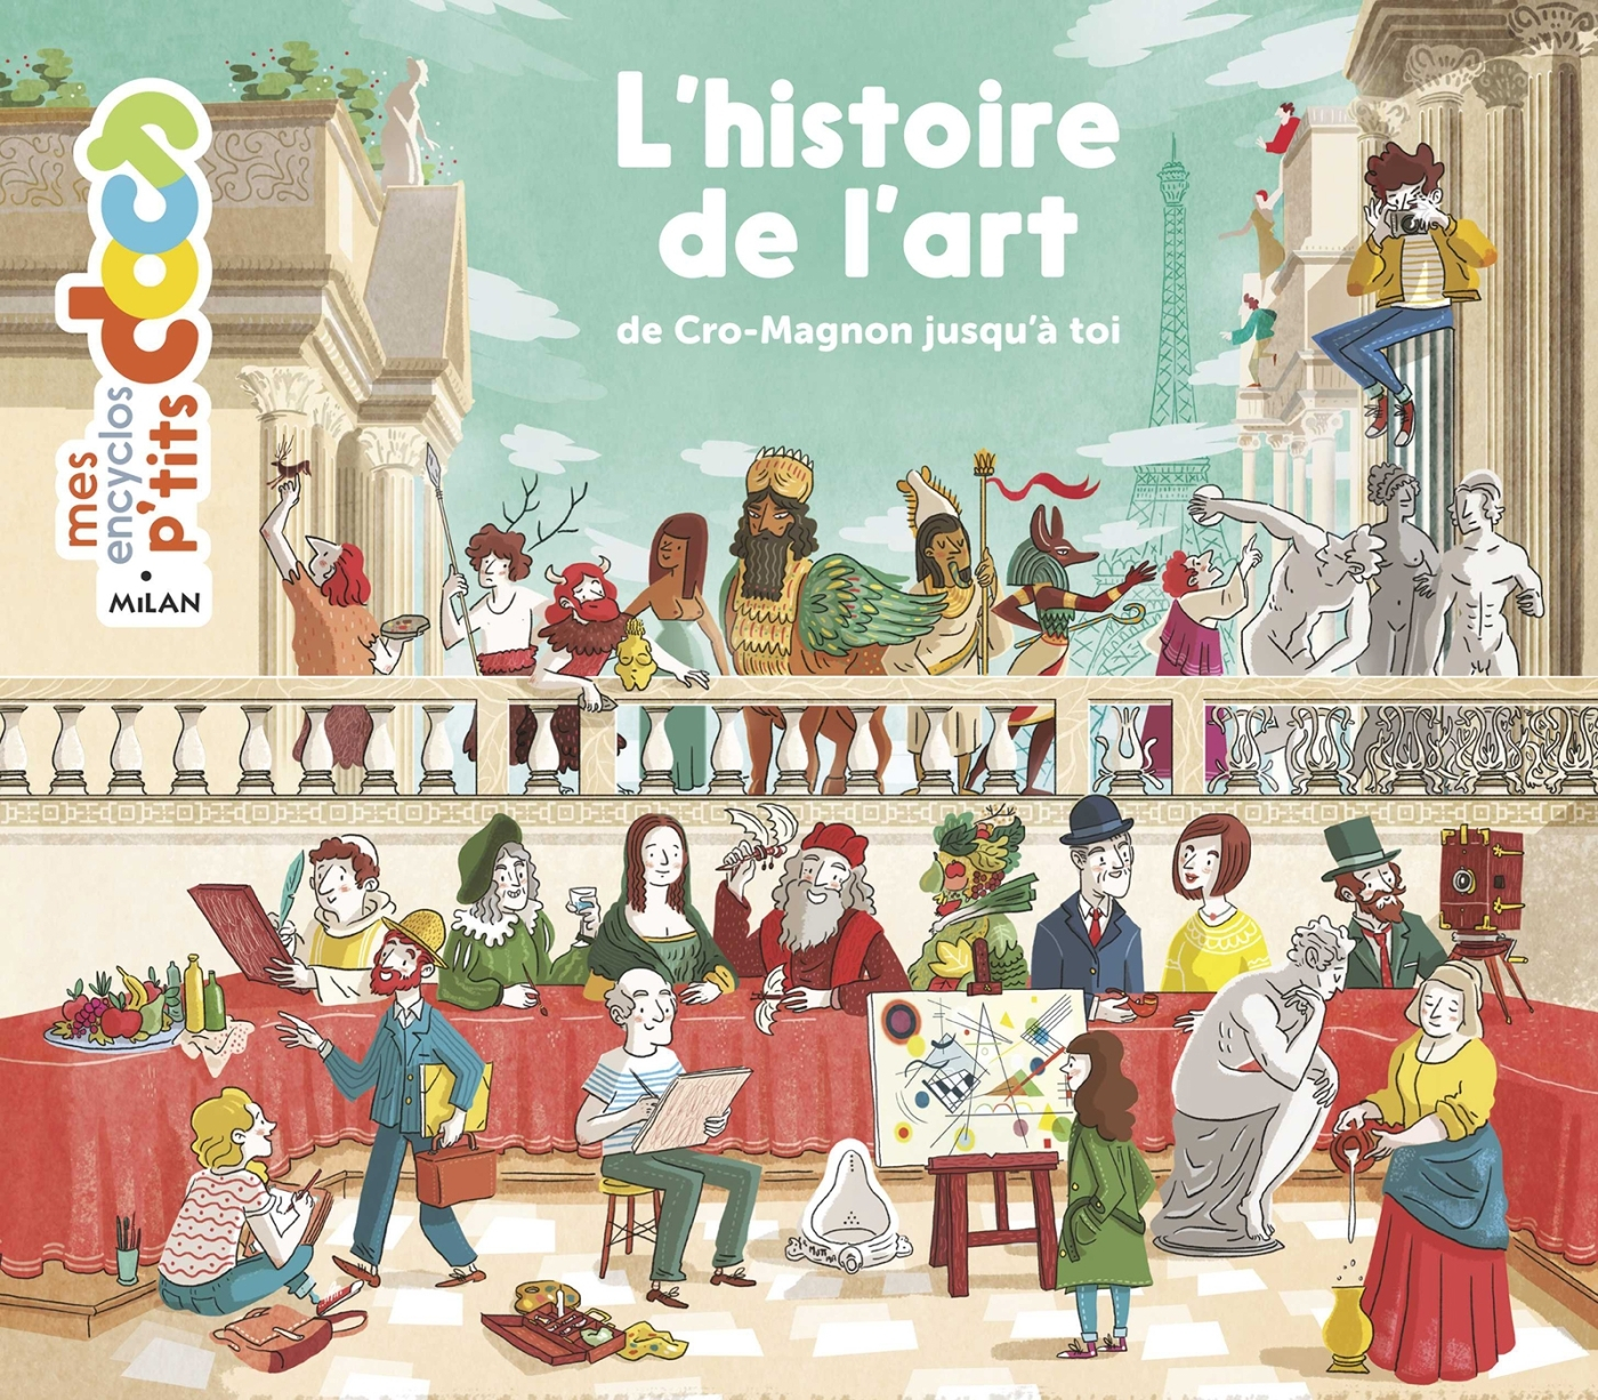 HISTOIRE DE L'ART DE CRO-MAGNON JUSQU'A TOI